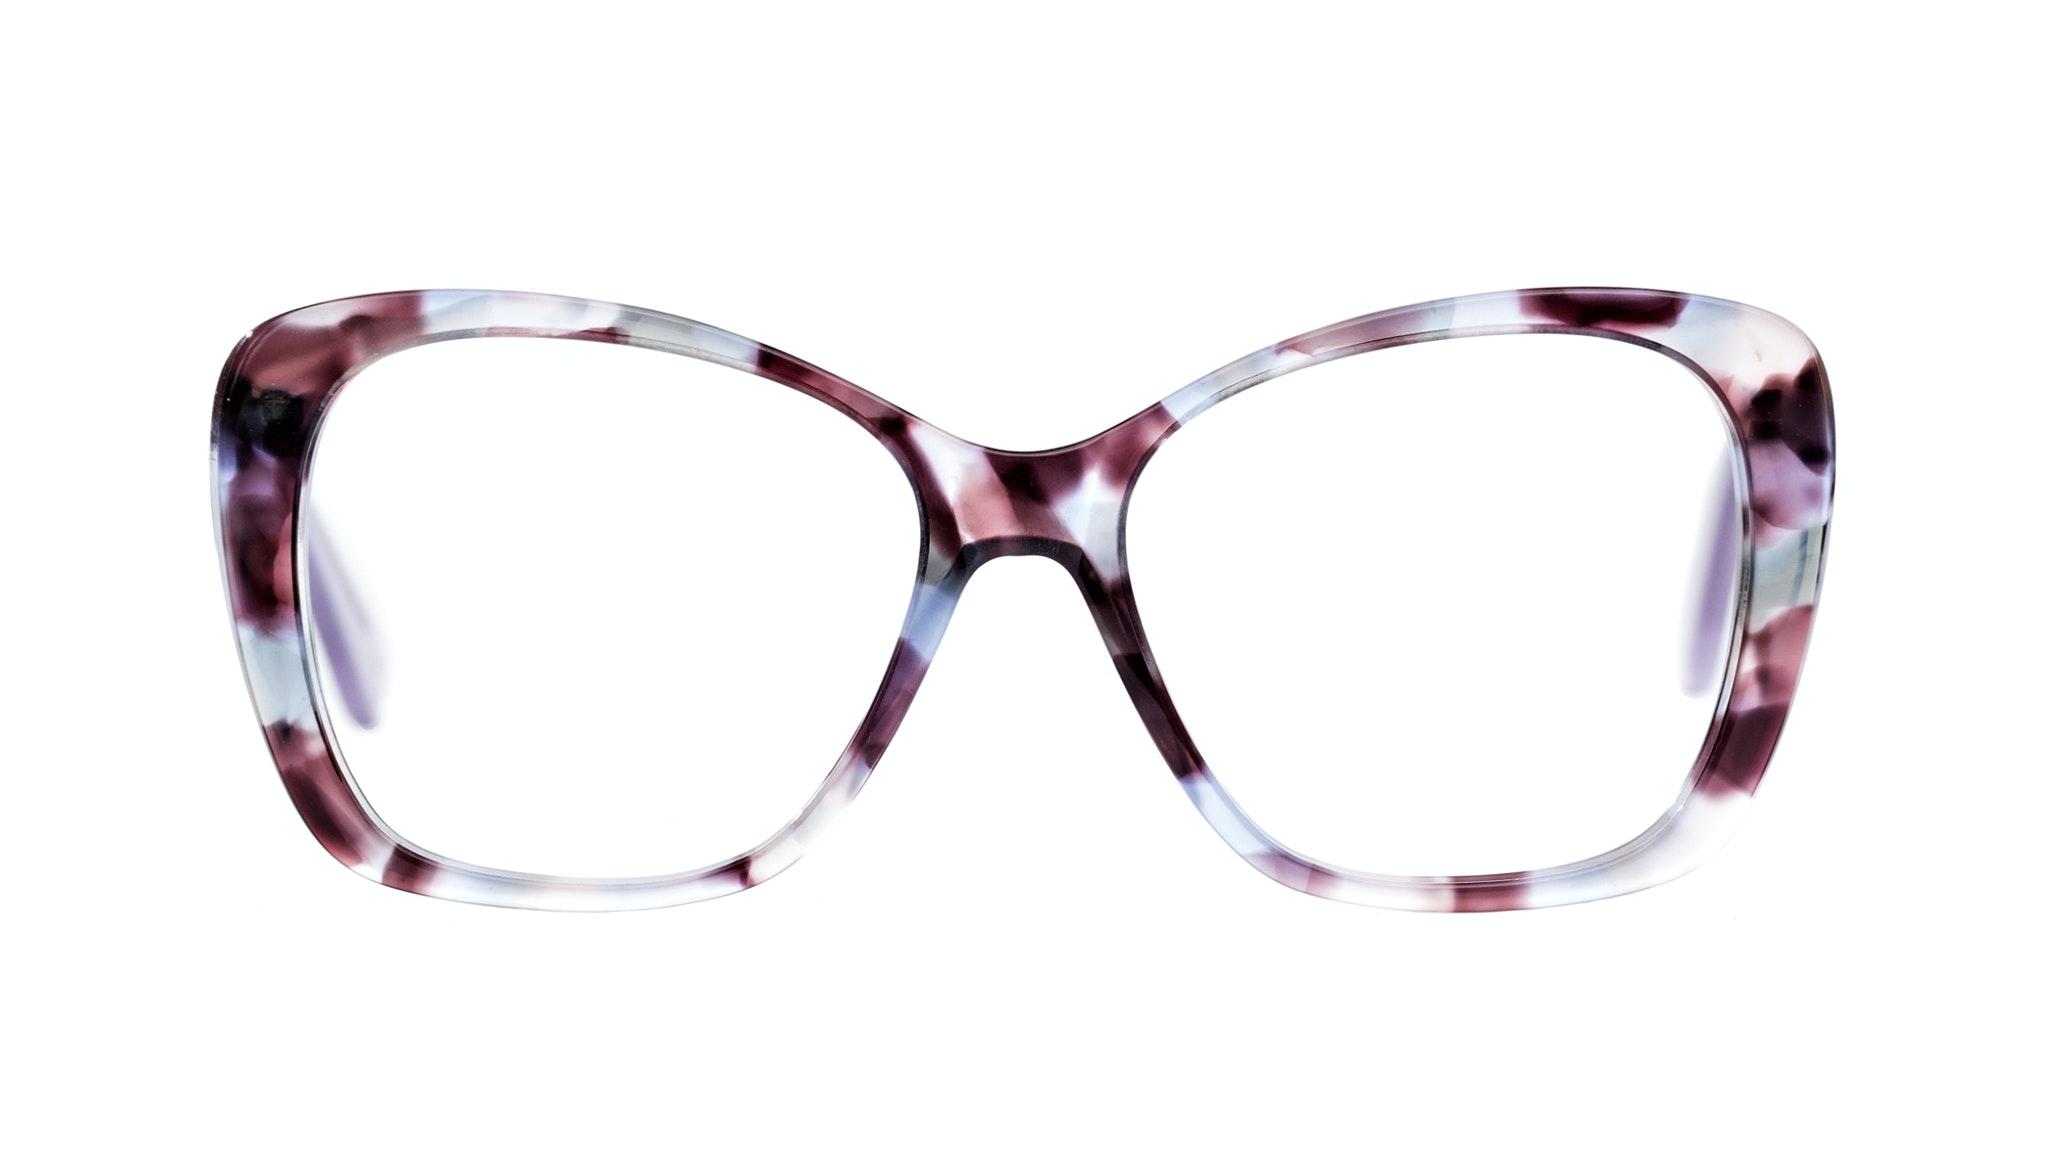 Affordable Fashion Glasses Cat Eye Square Eyeglasses Women Charm Lilac Tort